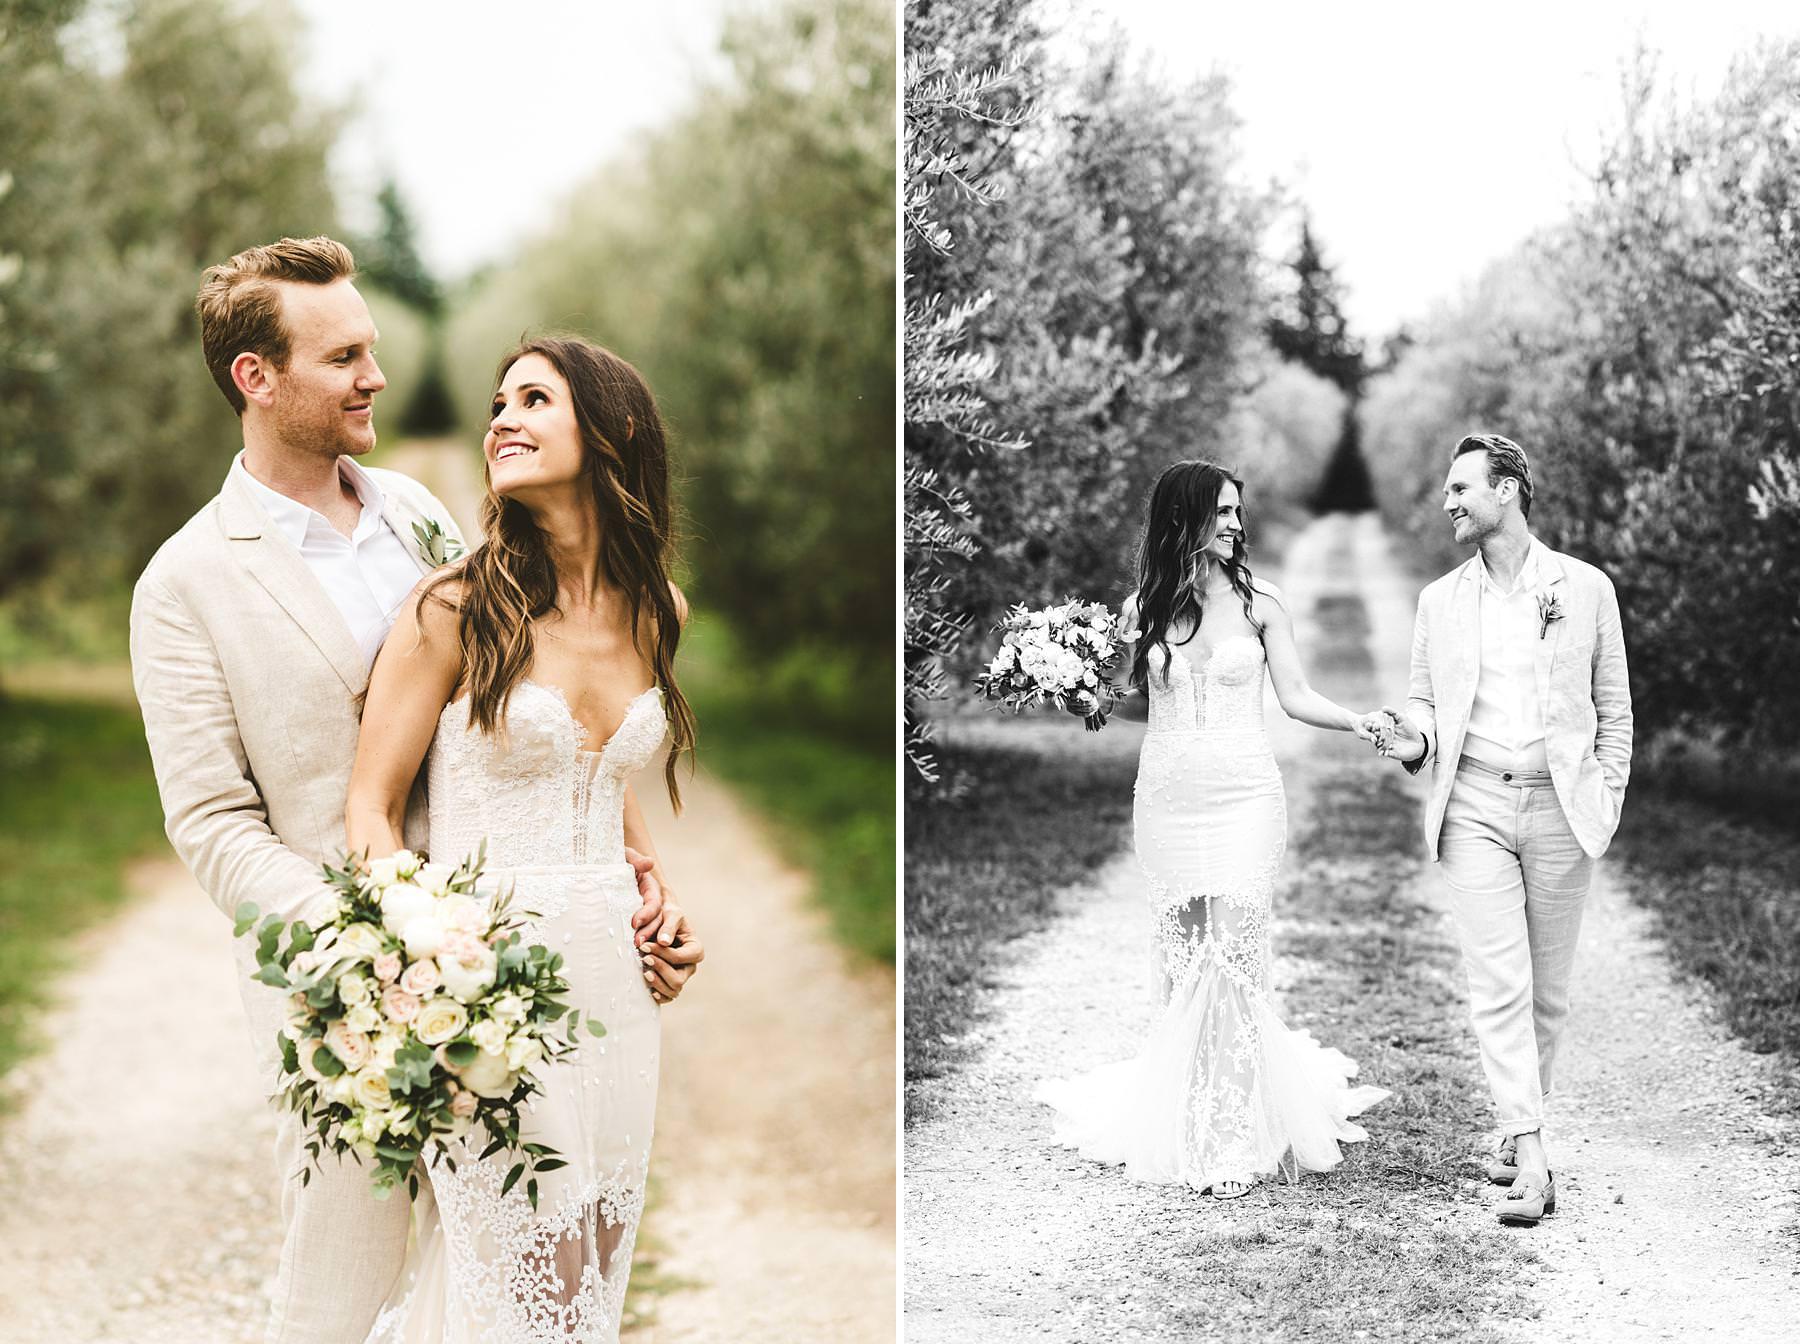 Bride and groom portrait in the countryside of Tuscany in Chianti area near the Villa Il Poggiale venue